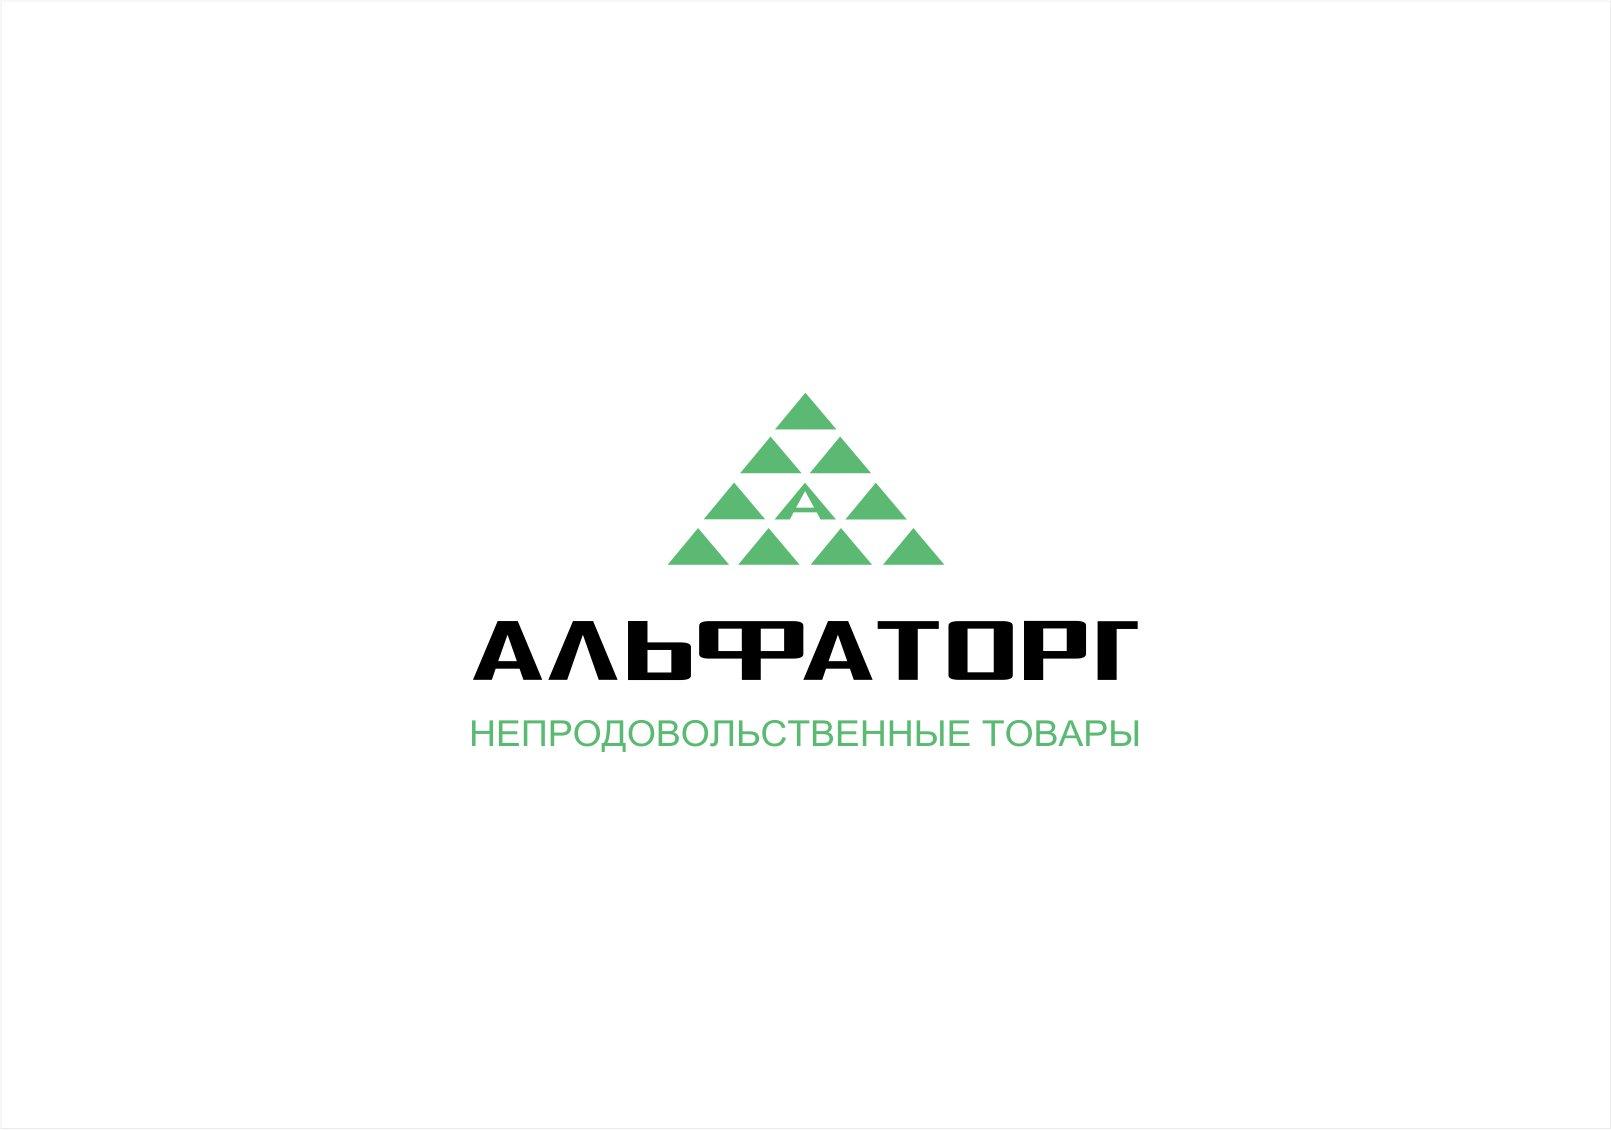 Логотип и фирменный стиль фото f_3075f09e1877bbad.jpg